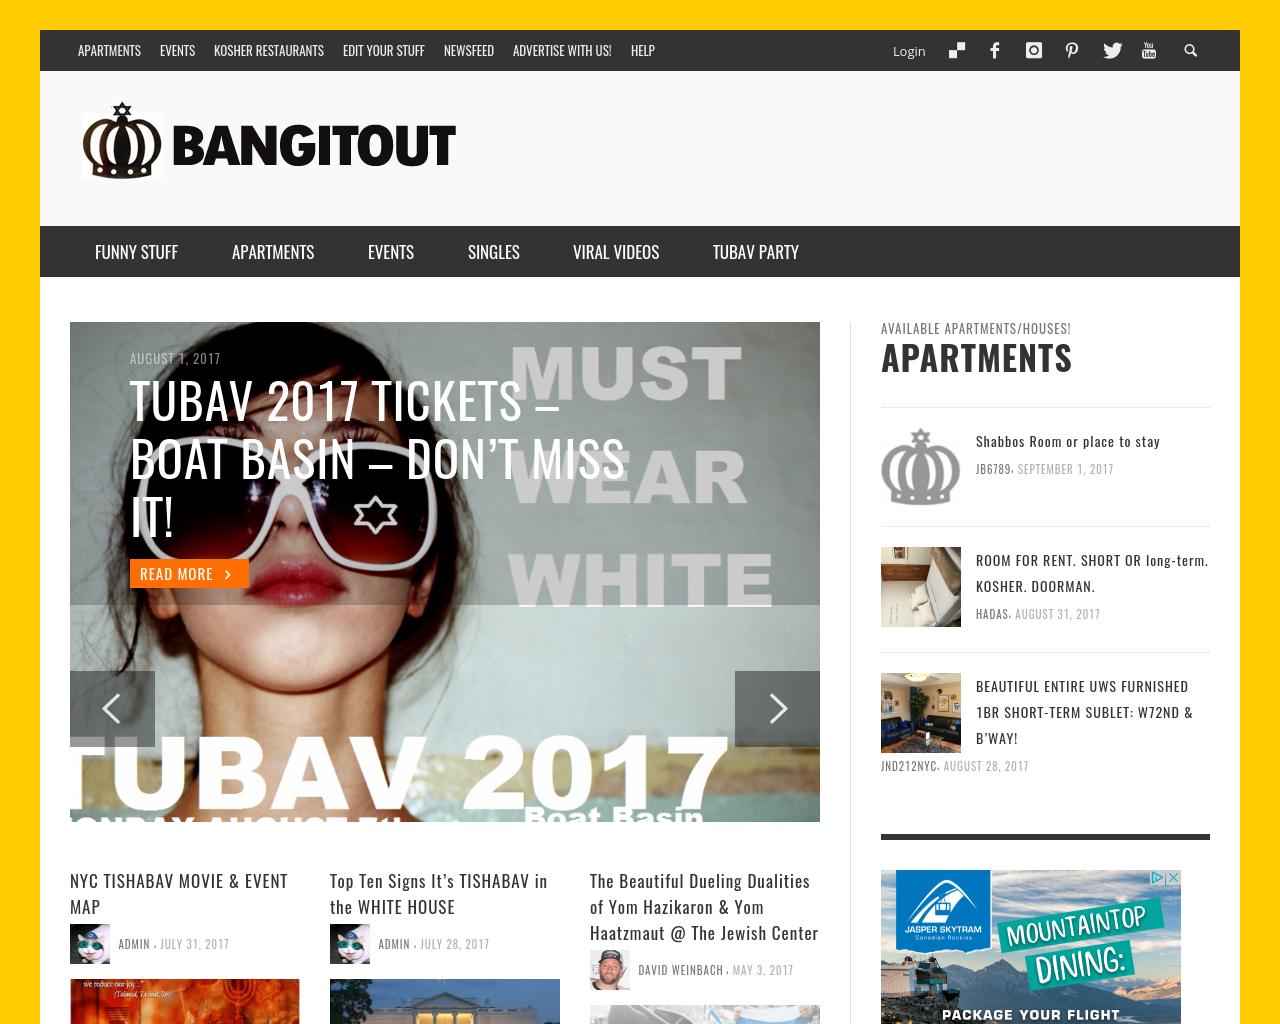 BANGitOUT-Advertising-Reviews-Pricing